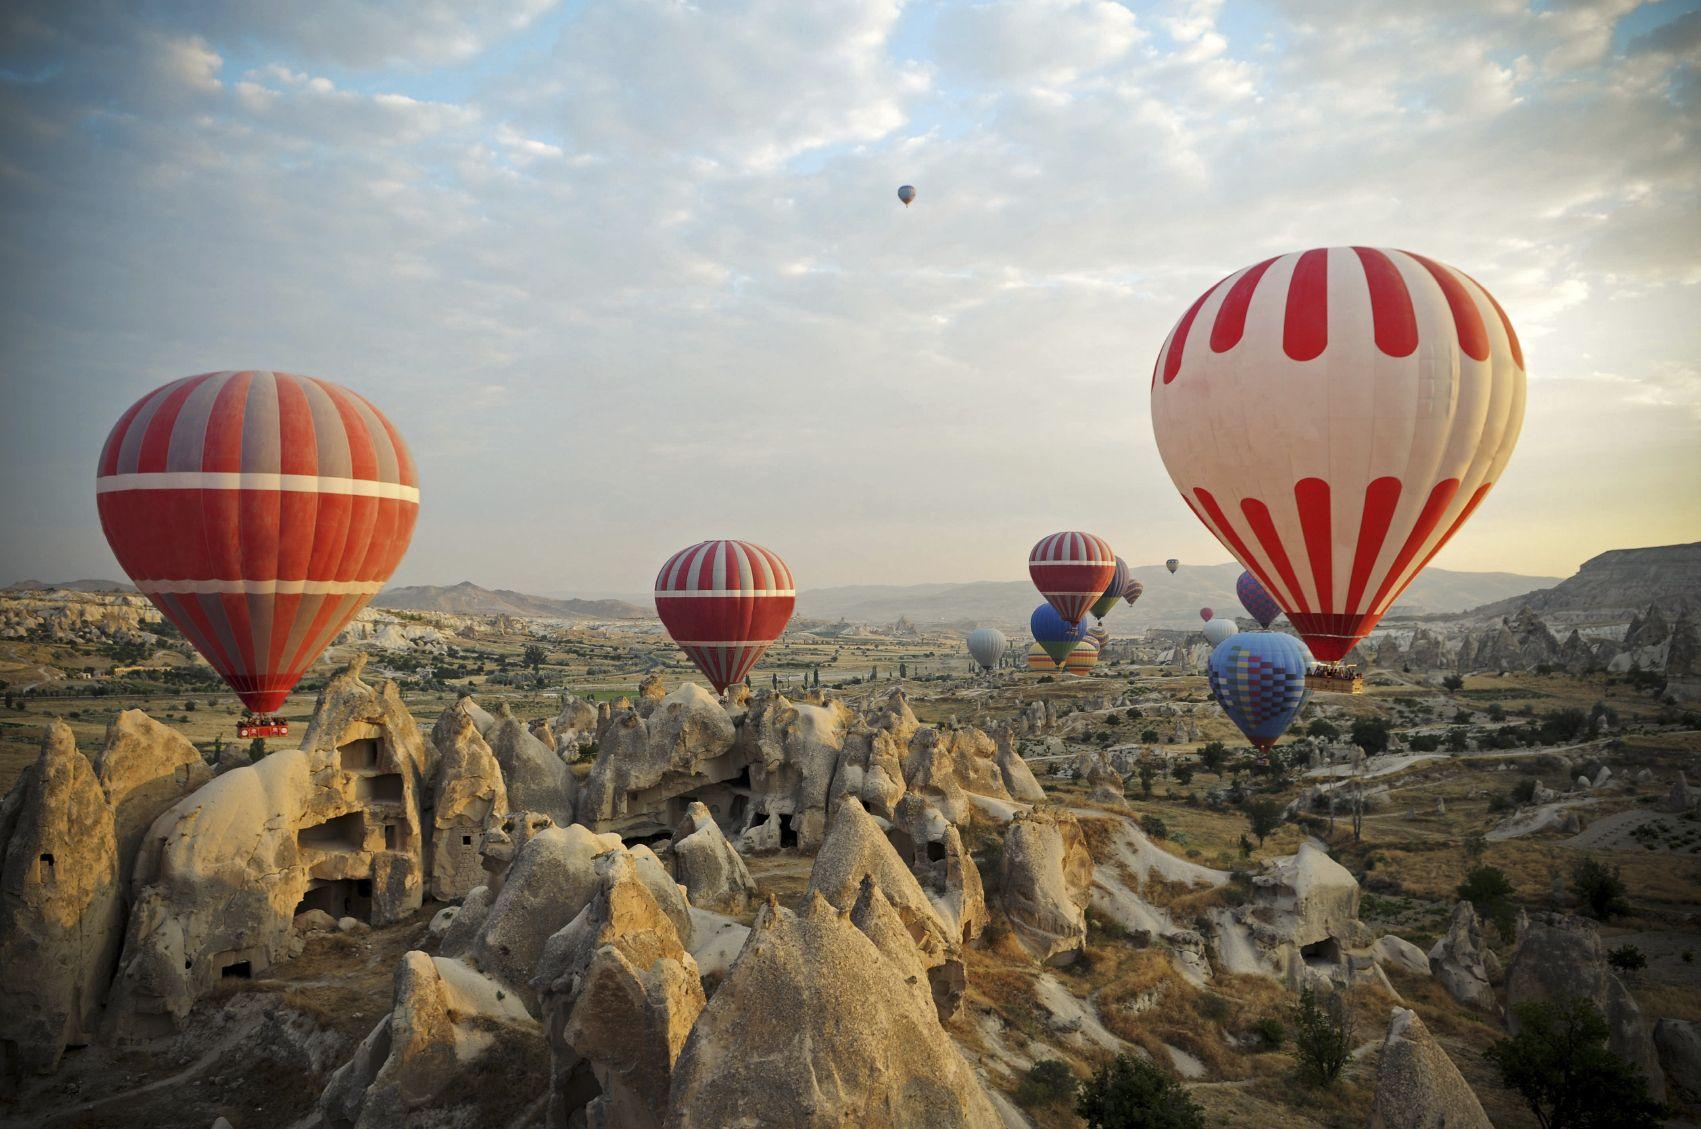 Take a breathtaking hot air balloon ride over Cappadocia